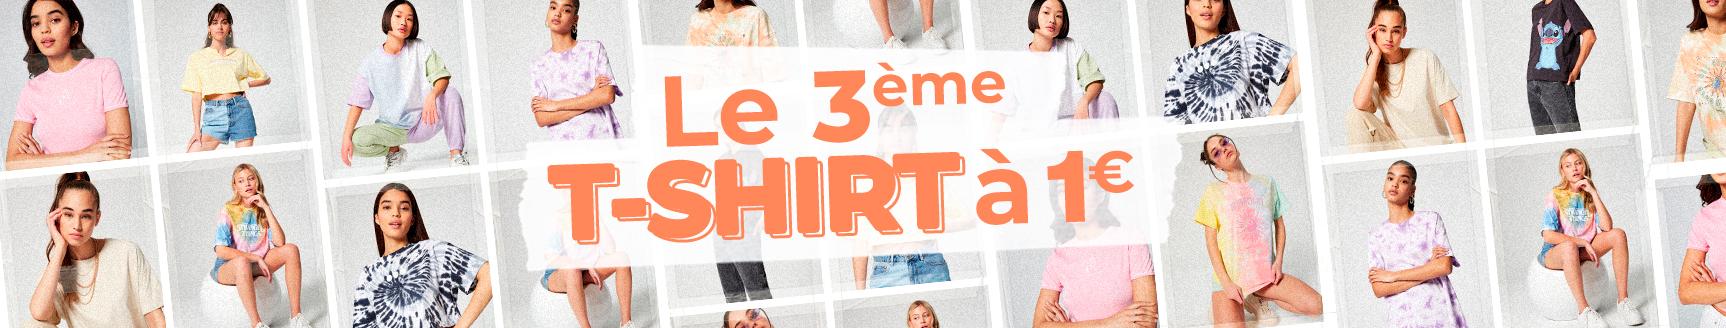 offre tshirt